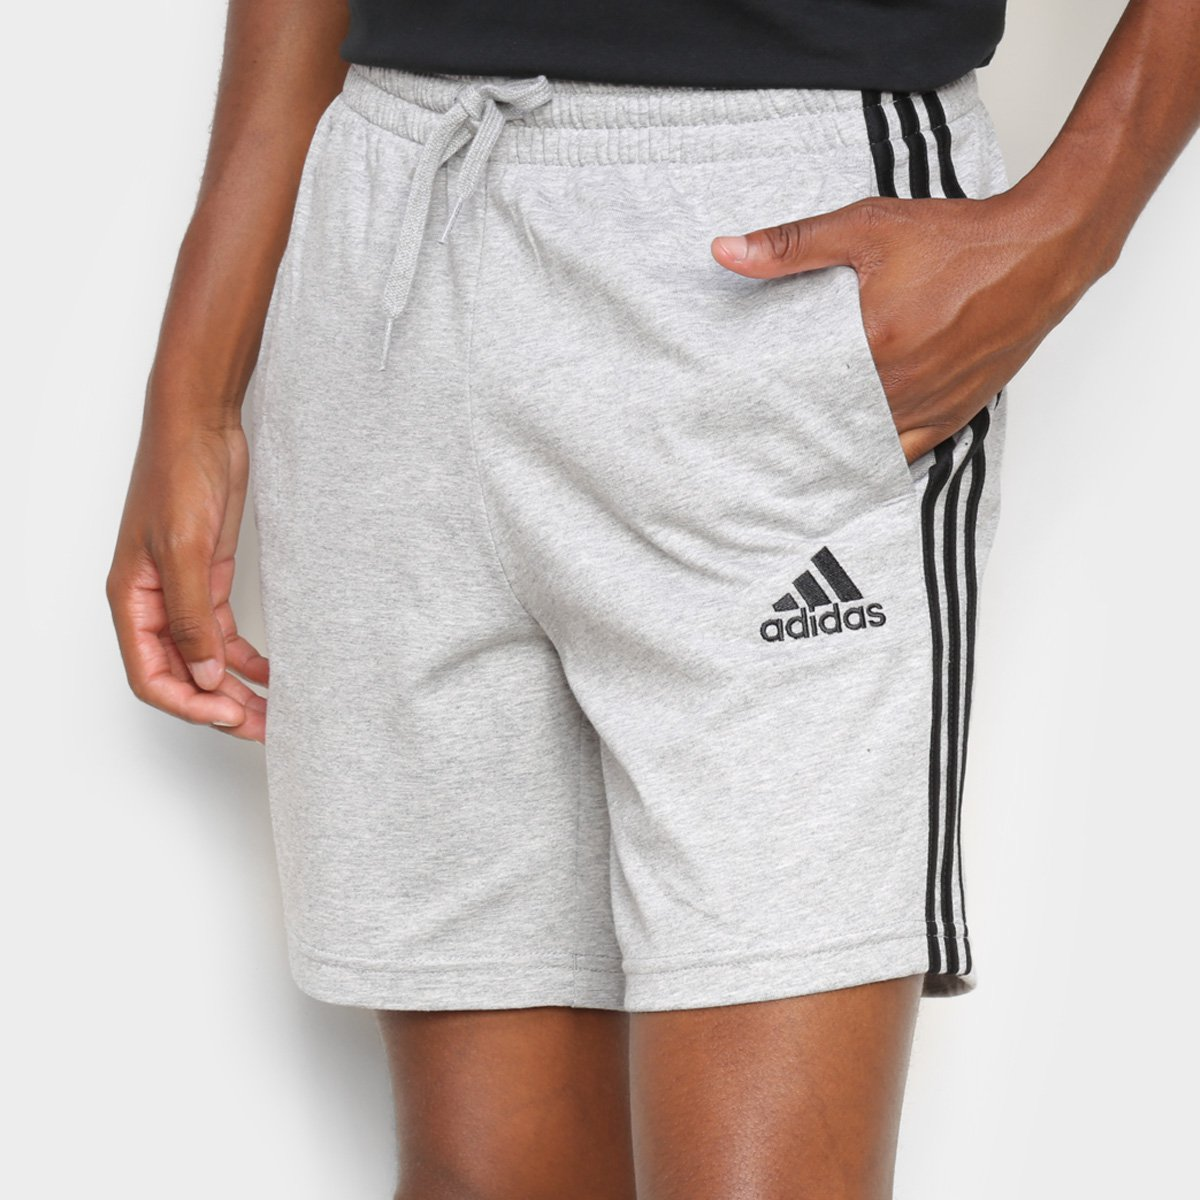 Short Moletom Adidas Casual 3 Listras Masculino